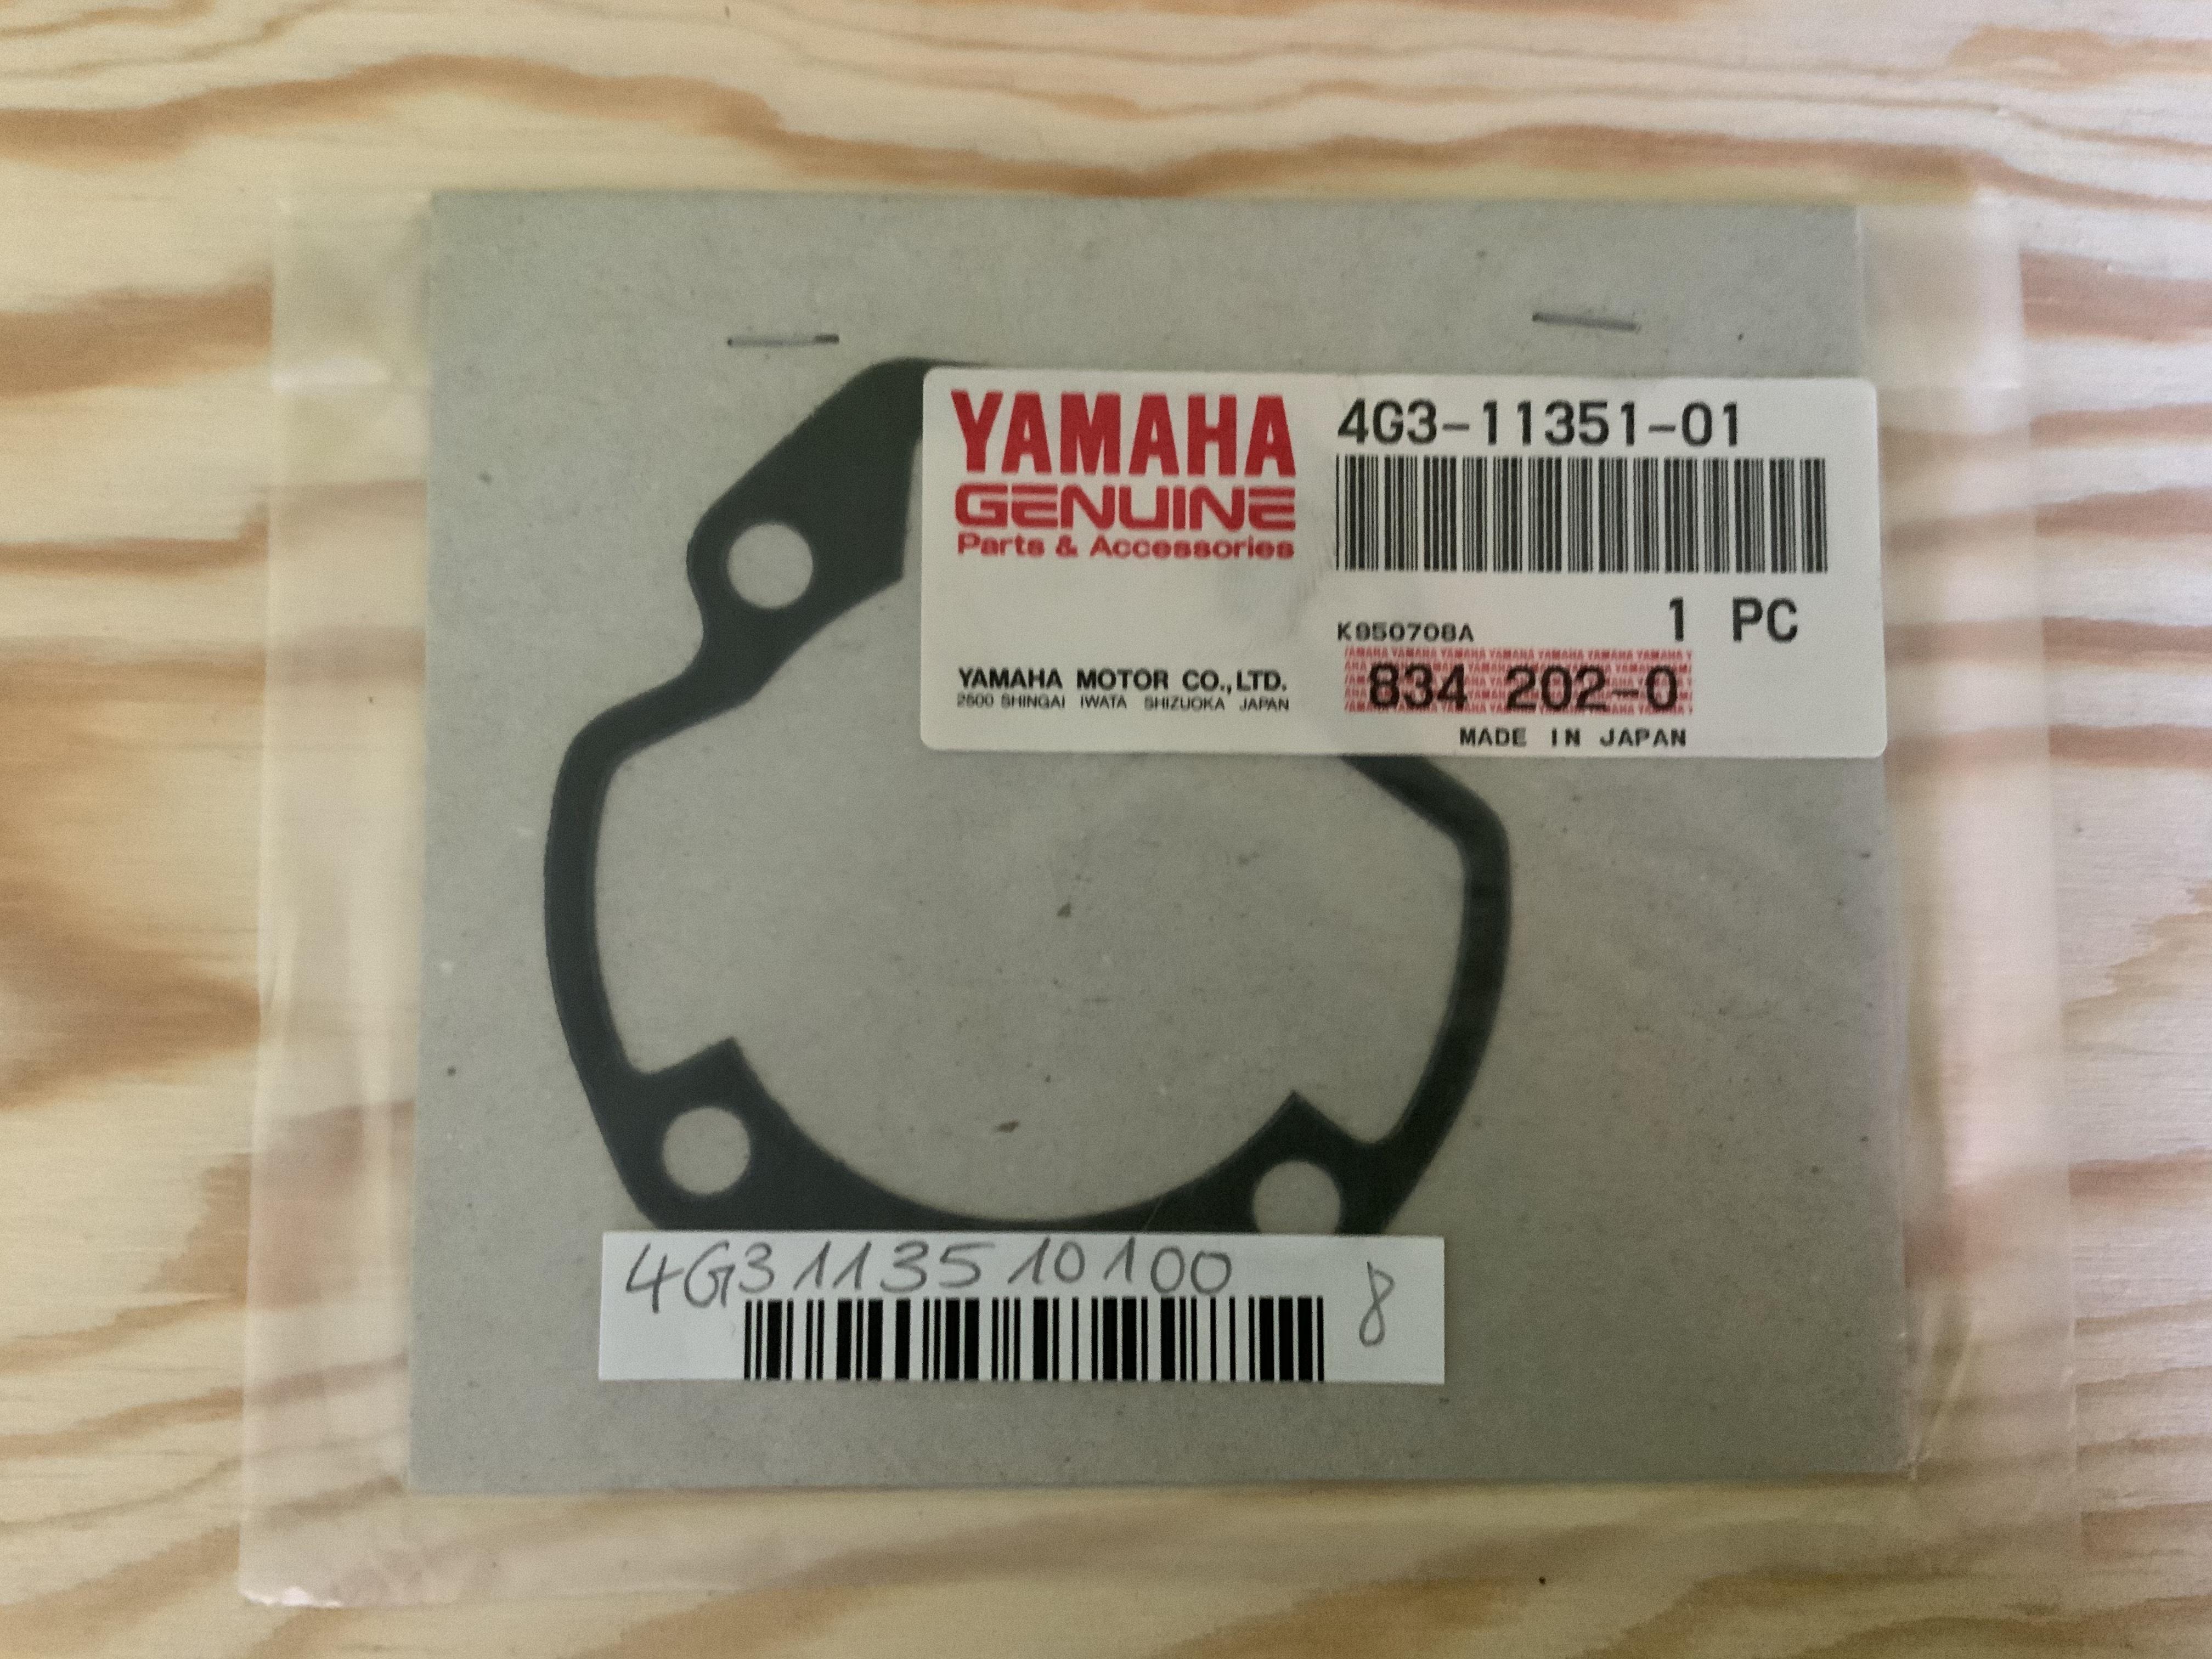 Zylinderfußdichtung Yamaha 4G3113510100 Image